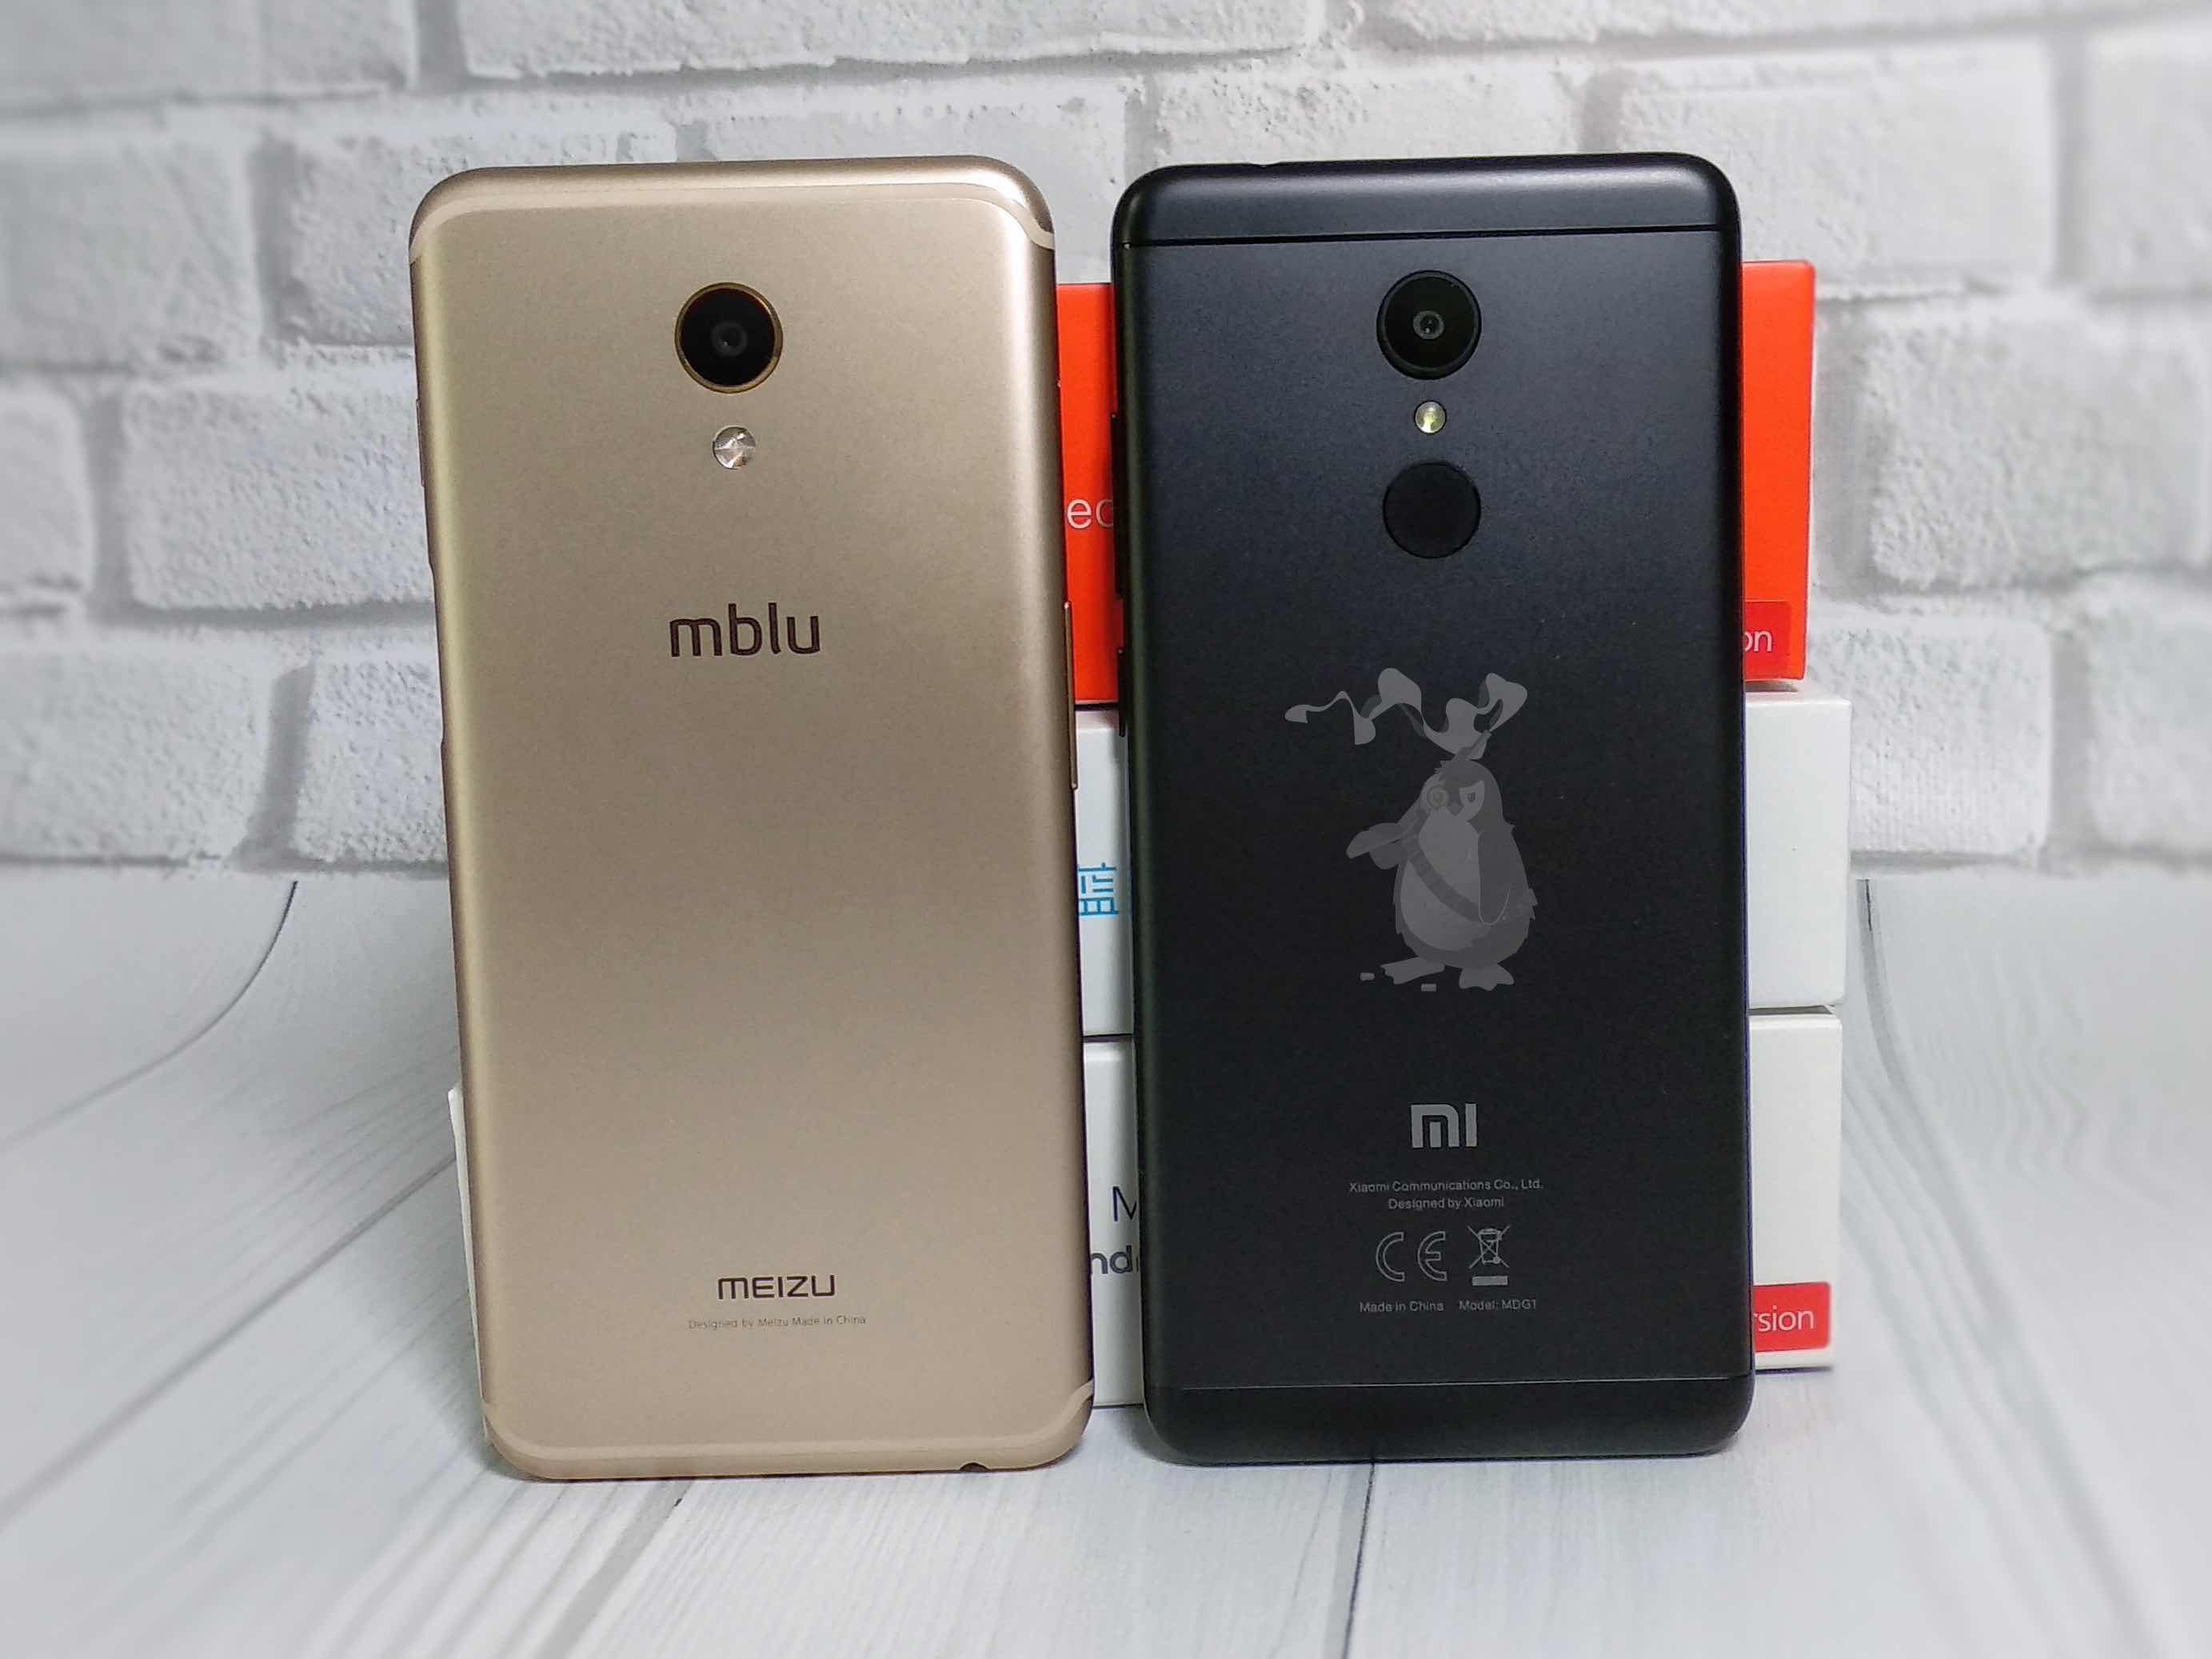 Xiaomi Redmi 5 vs Meizu M6s